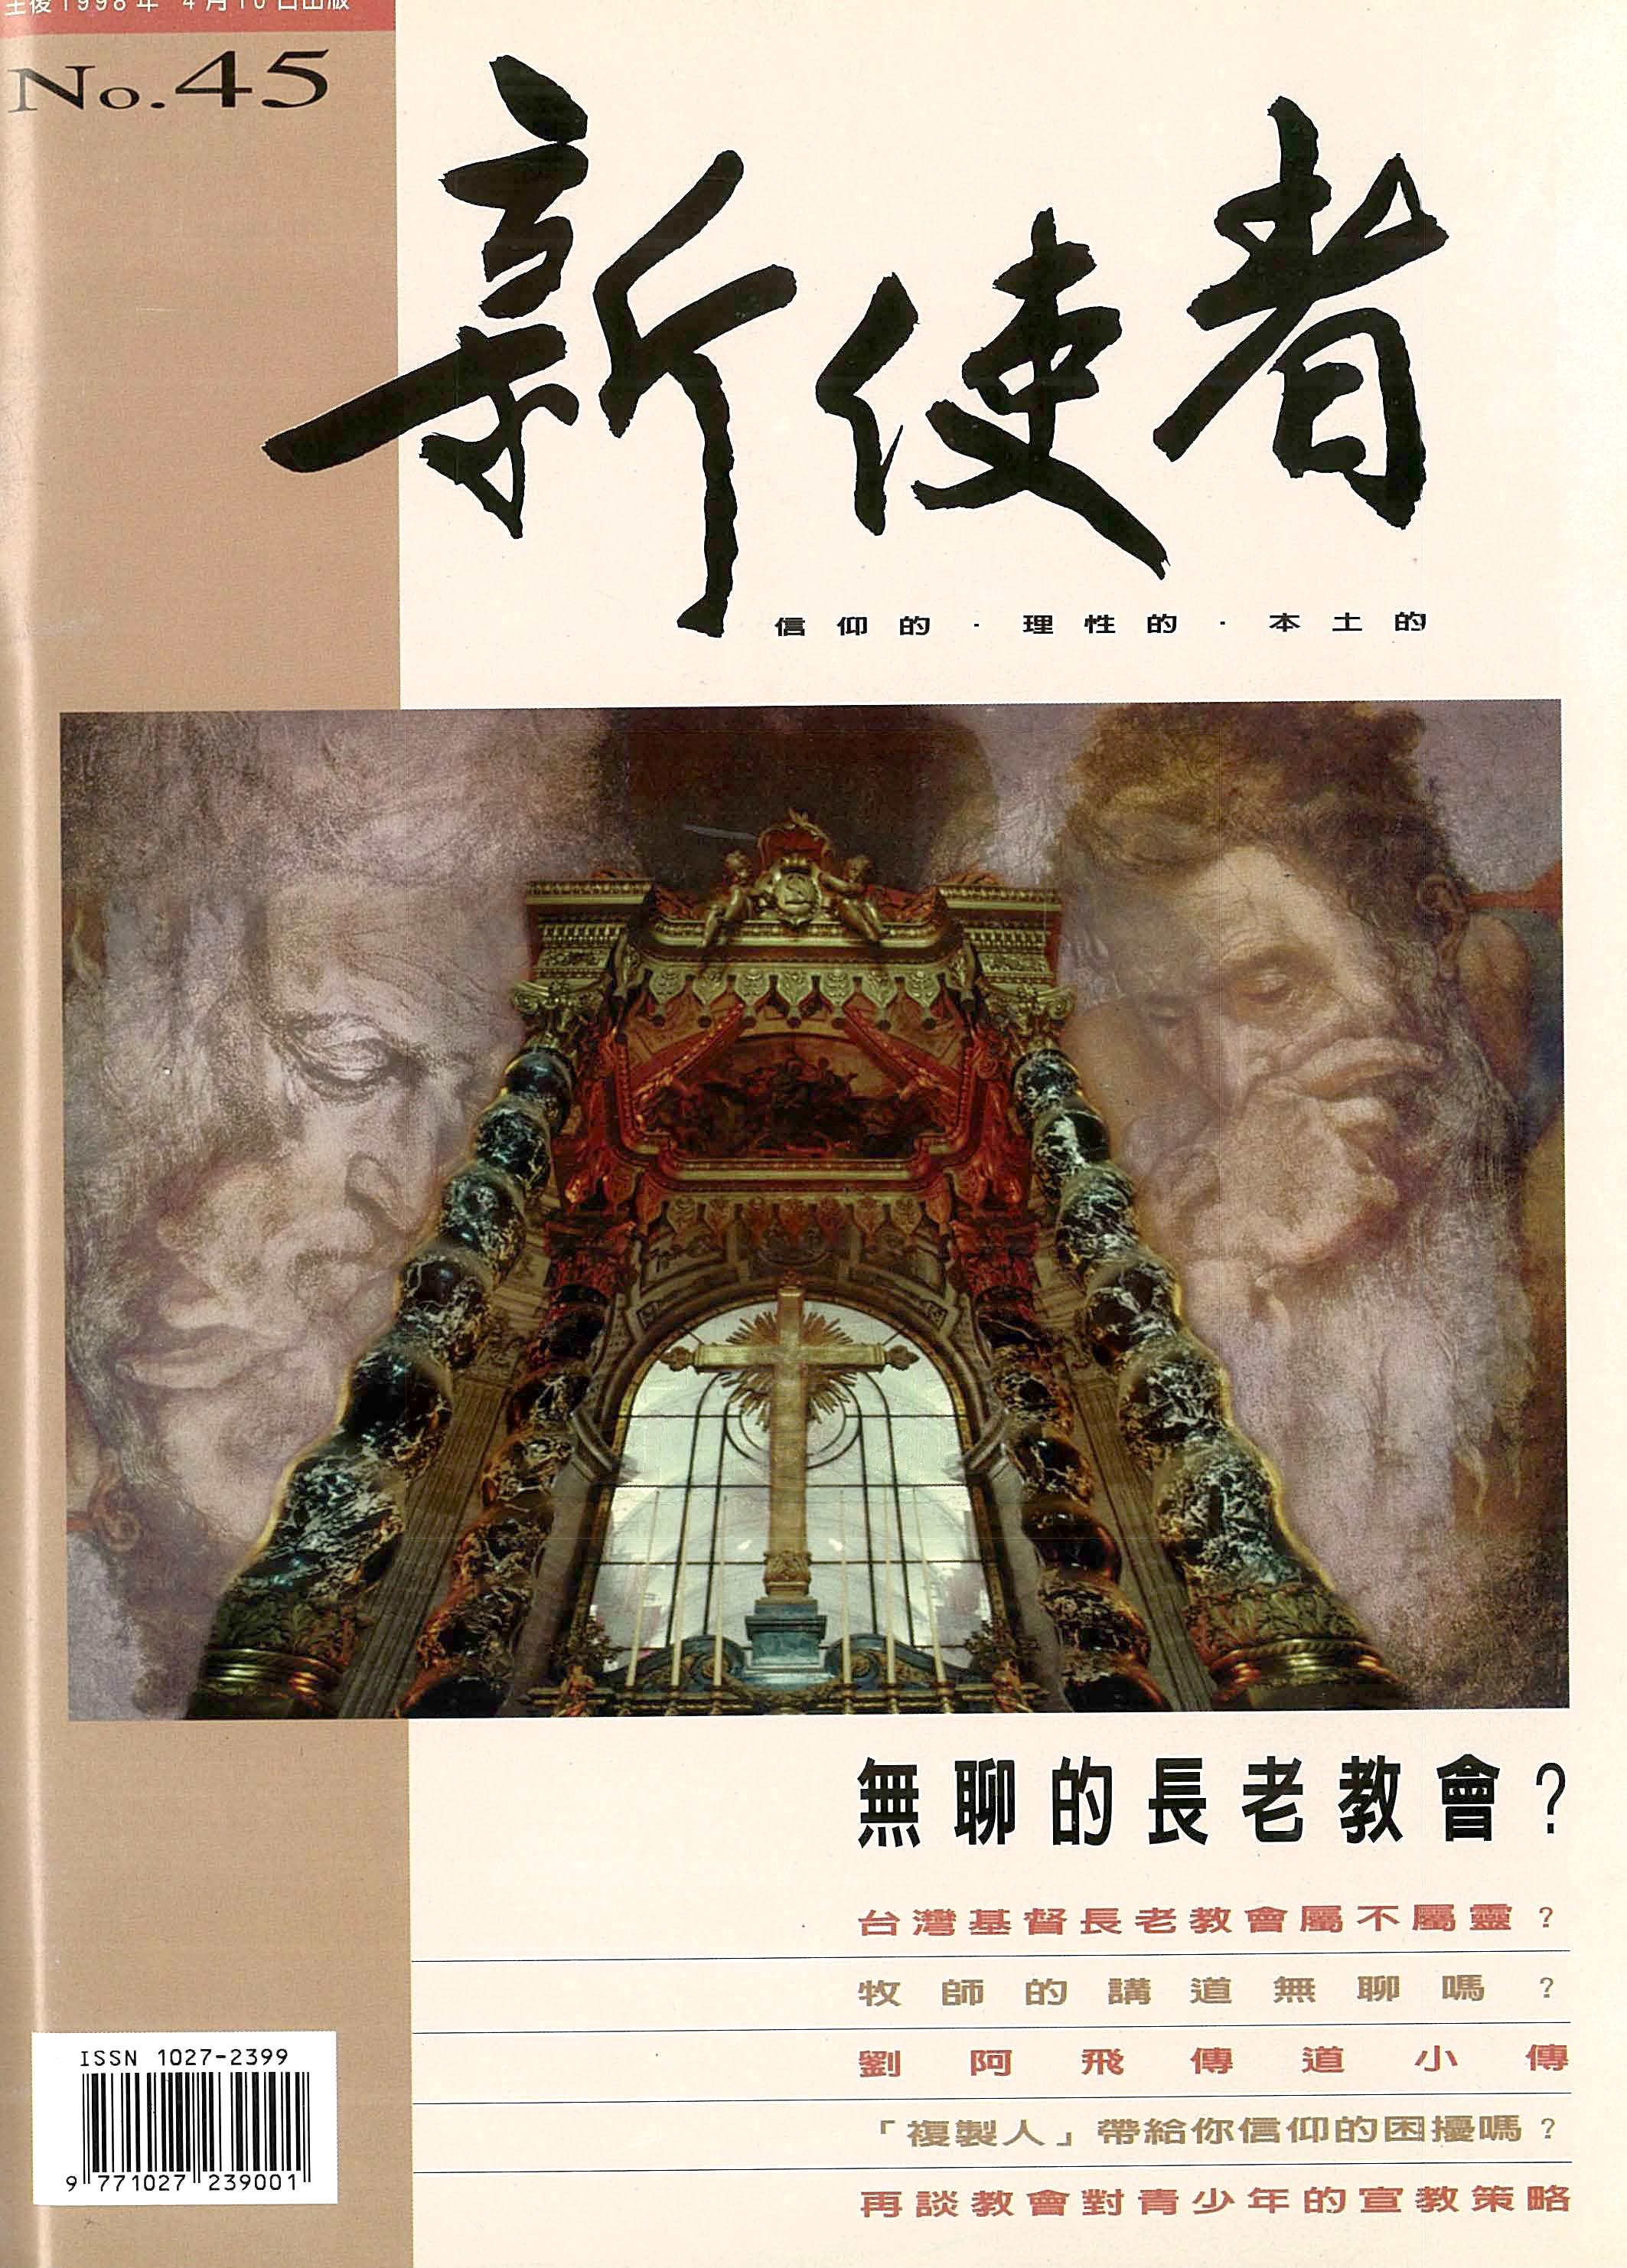 新使者雜誌 The New Messenger  45期  1998年  4月 無聊的長老教會?